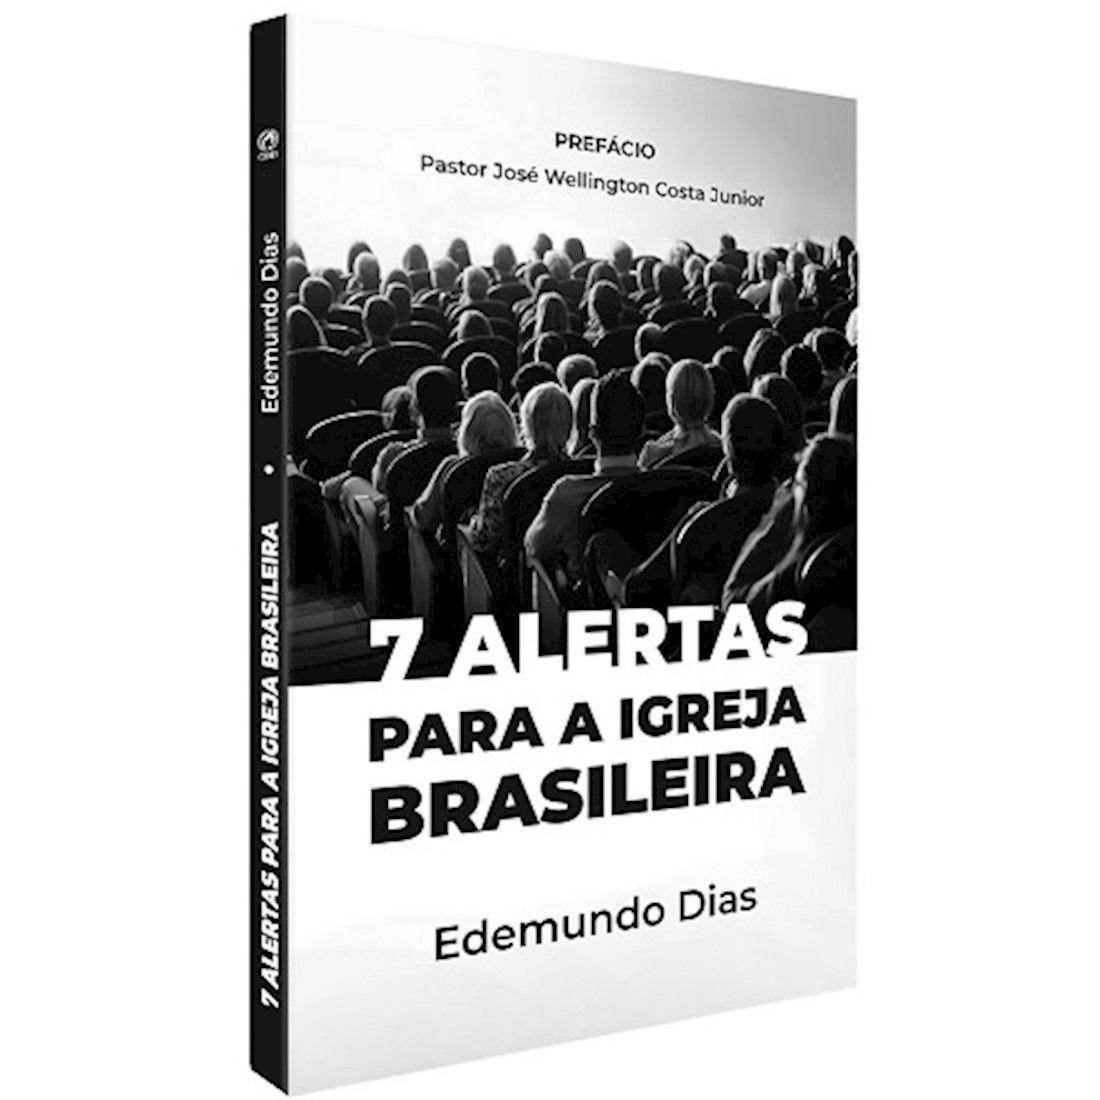 Livro 7 Alertas Para a Igreja Brasileira